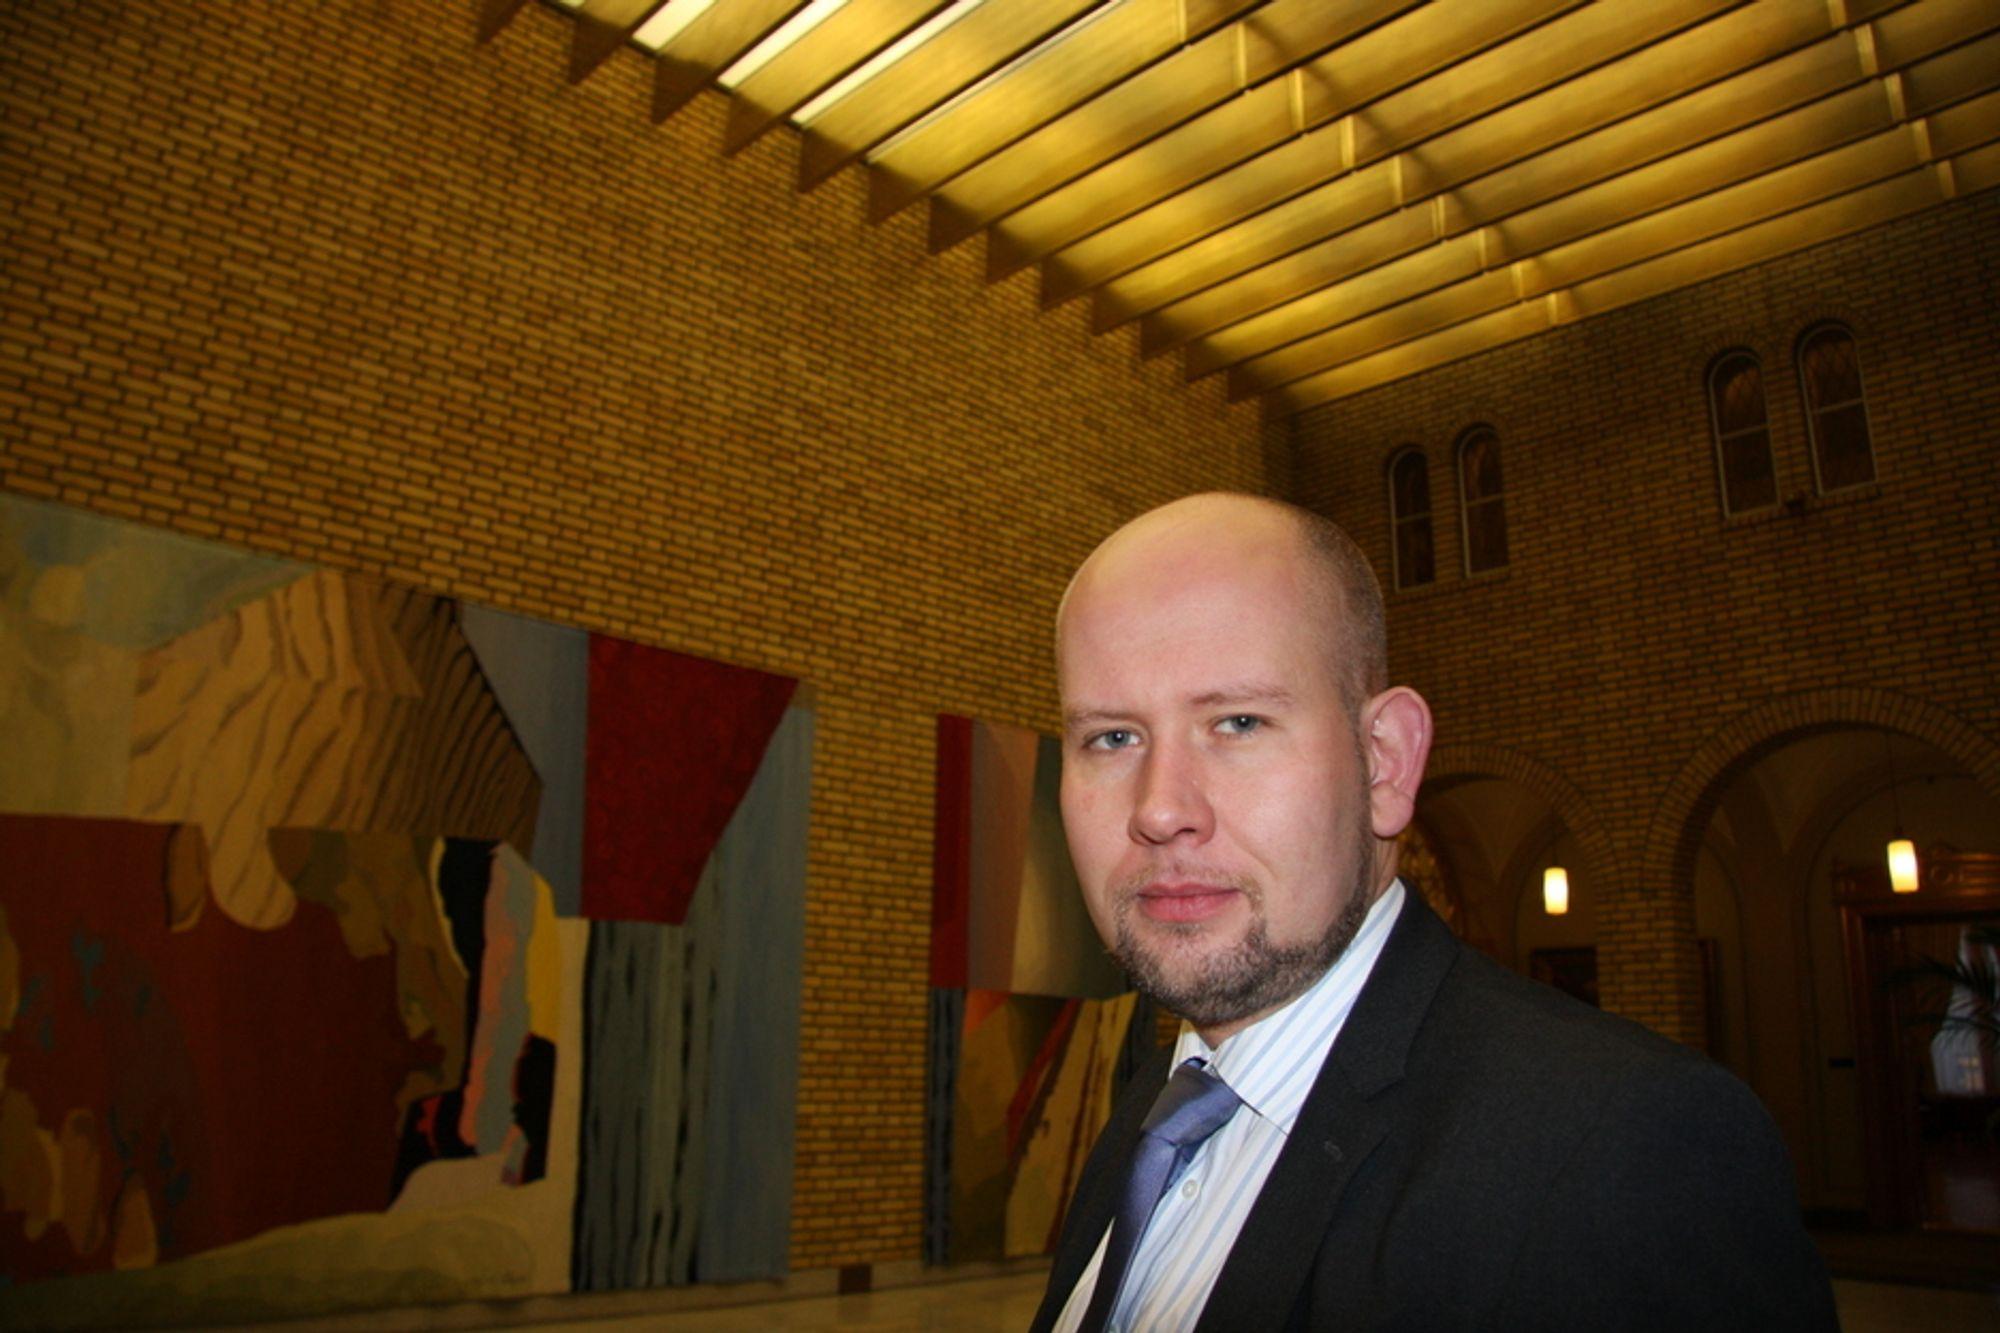 Tilbake på Stortinget: Tord Lien blir olje- og energiminister, ifølge Adresseavisen.